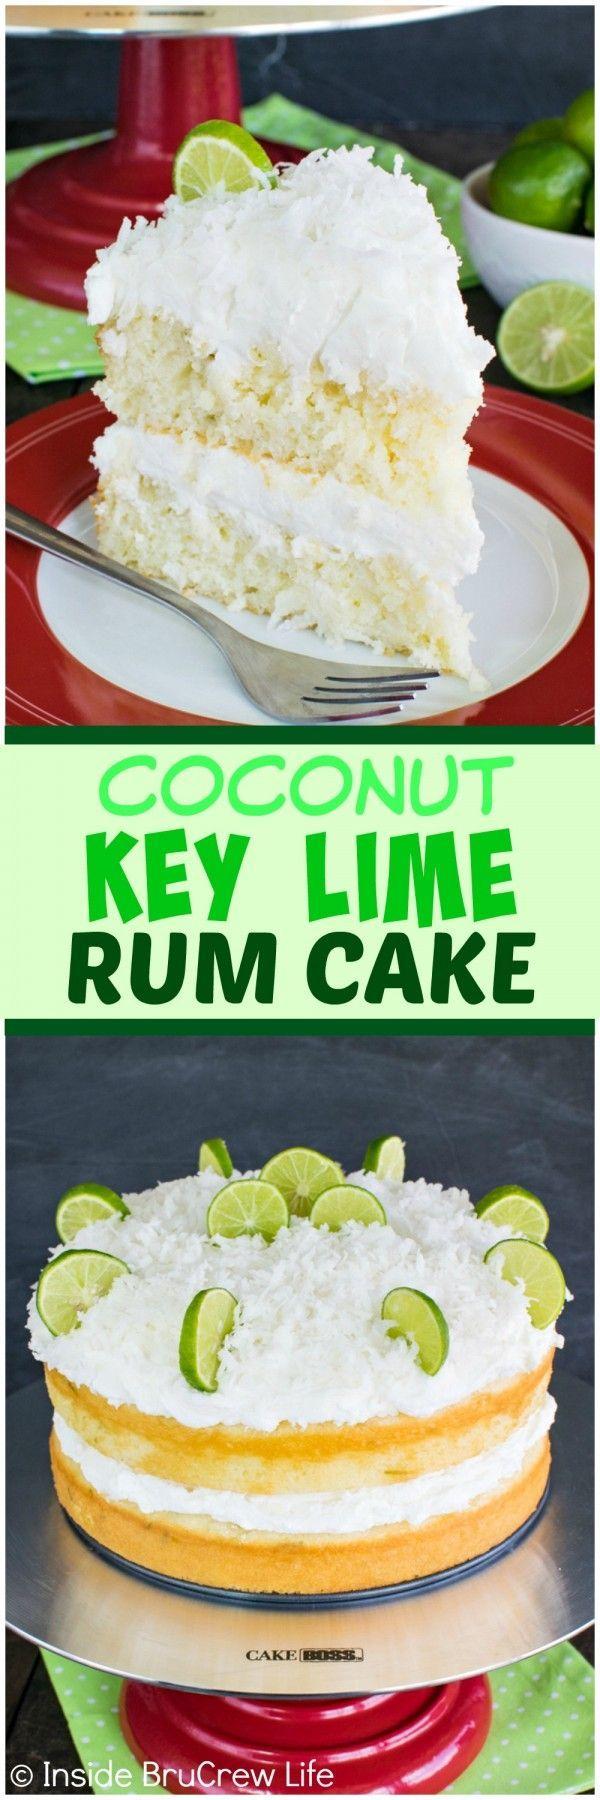 코코넛 키 라임 럼 케이크